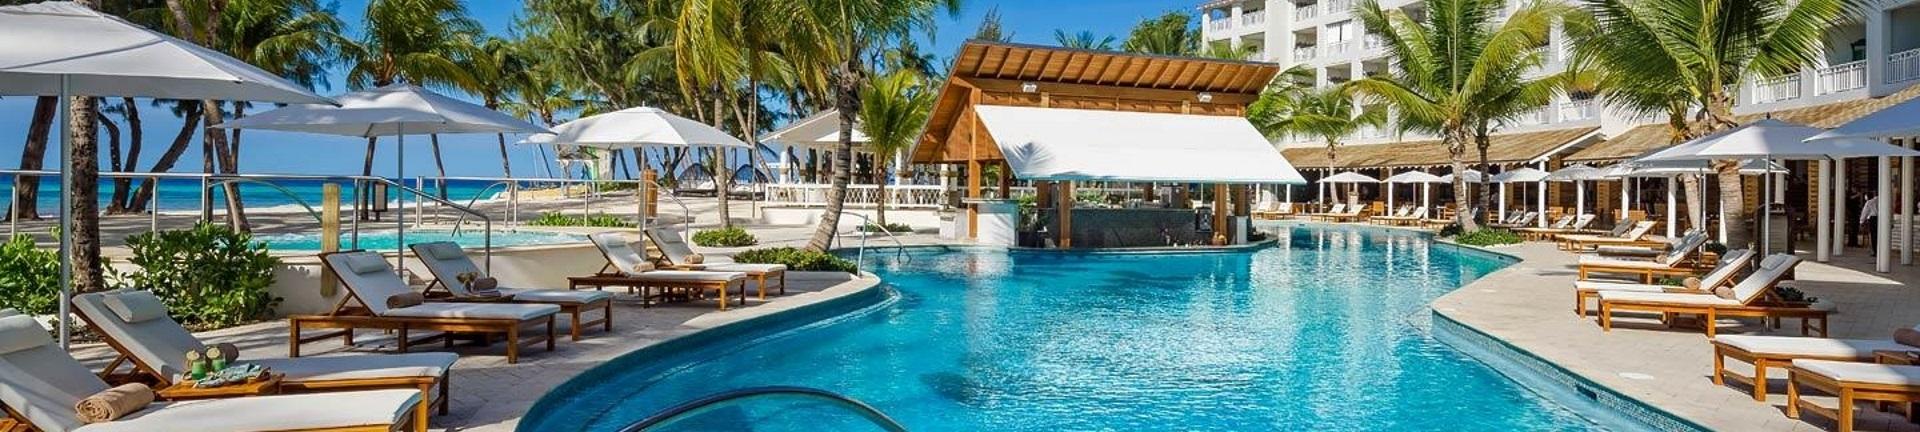 Barbados - Sandals Barbados  Holiday